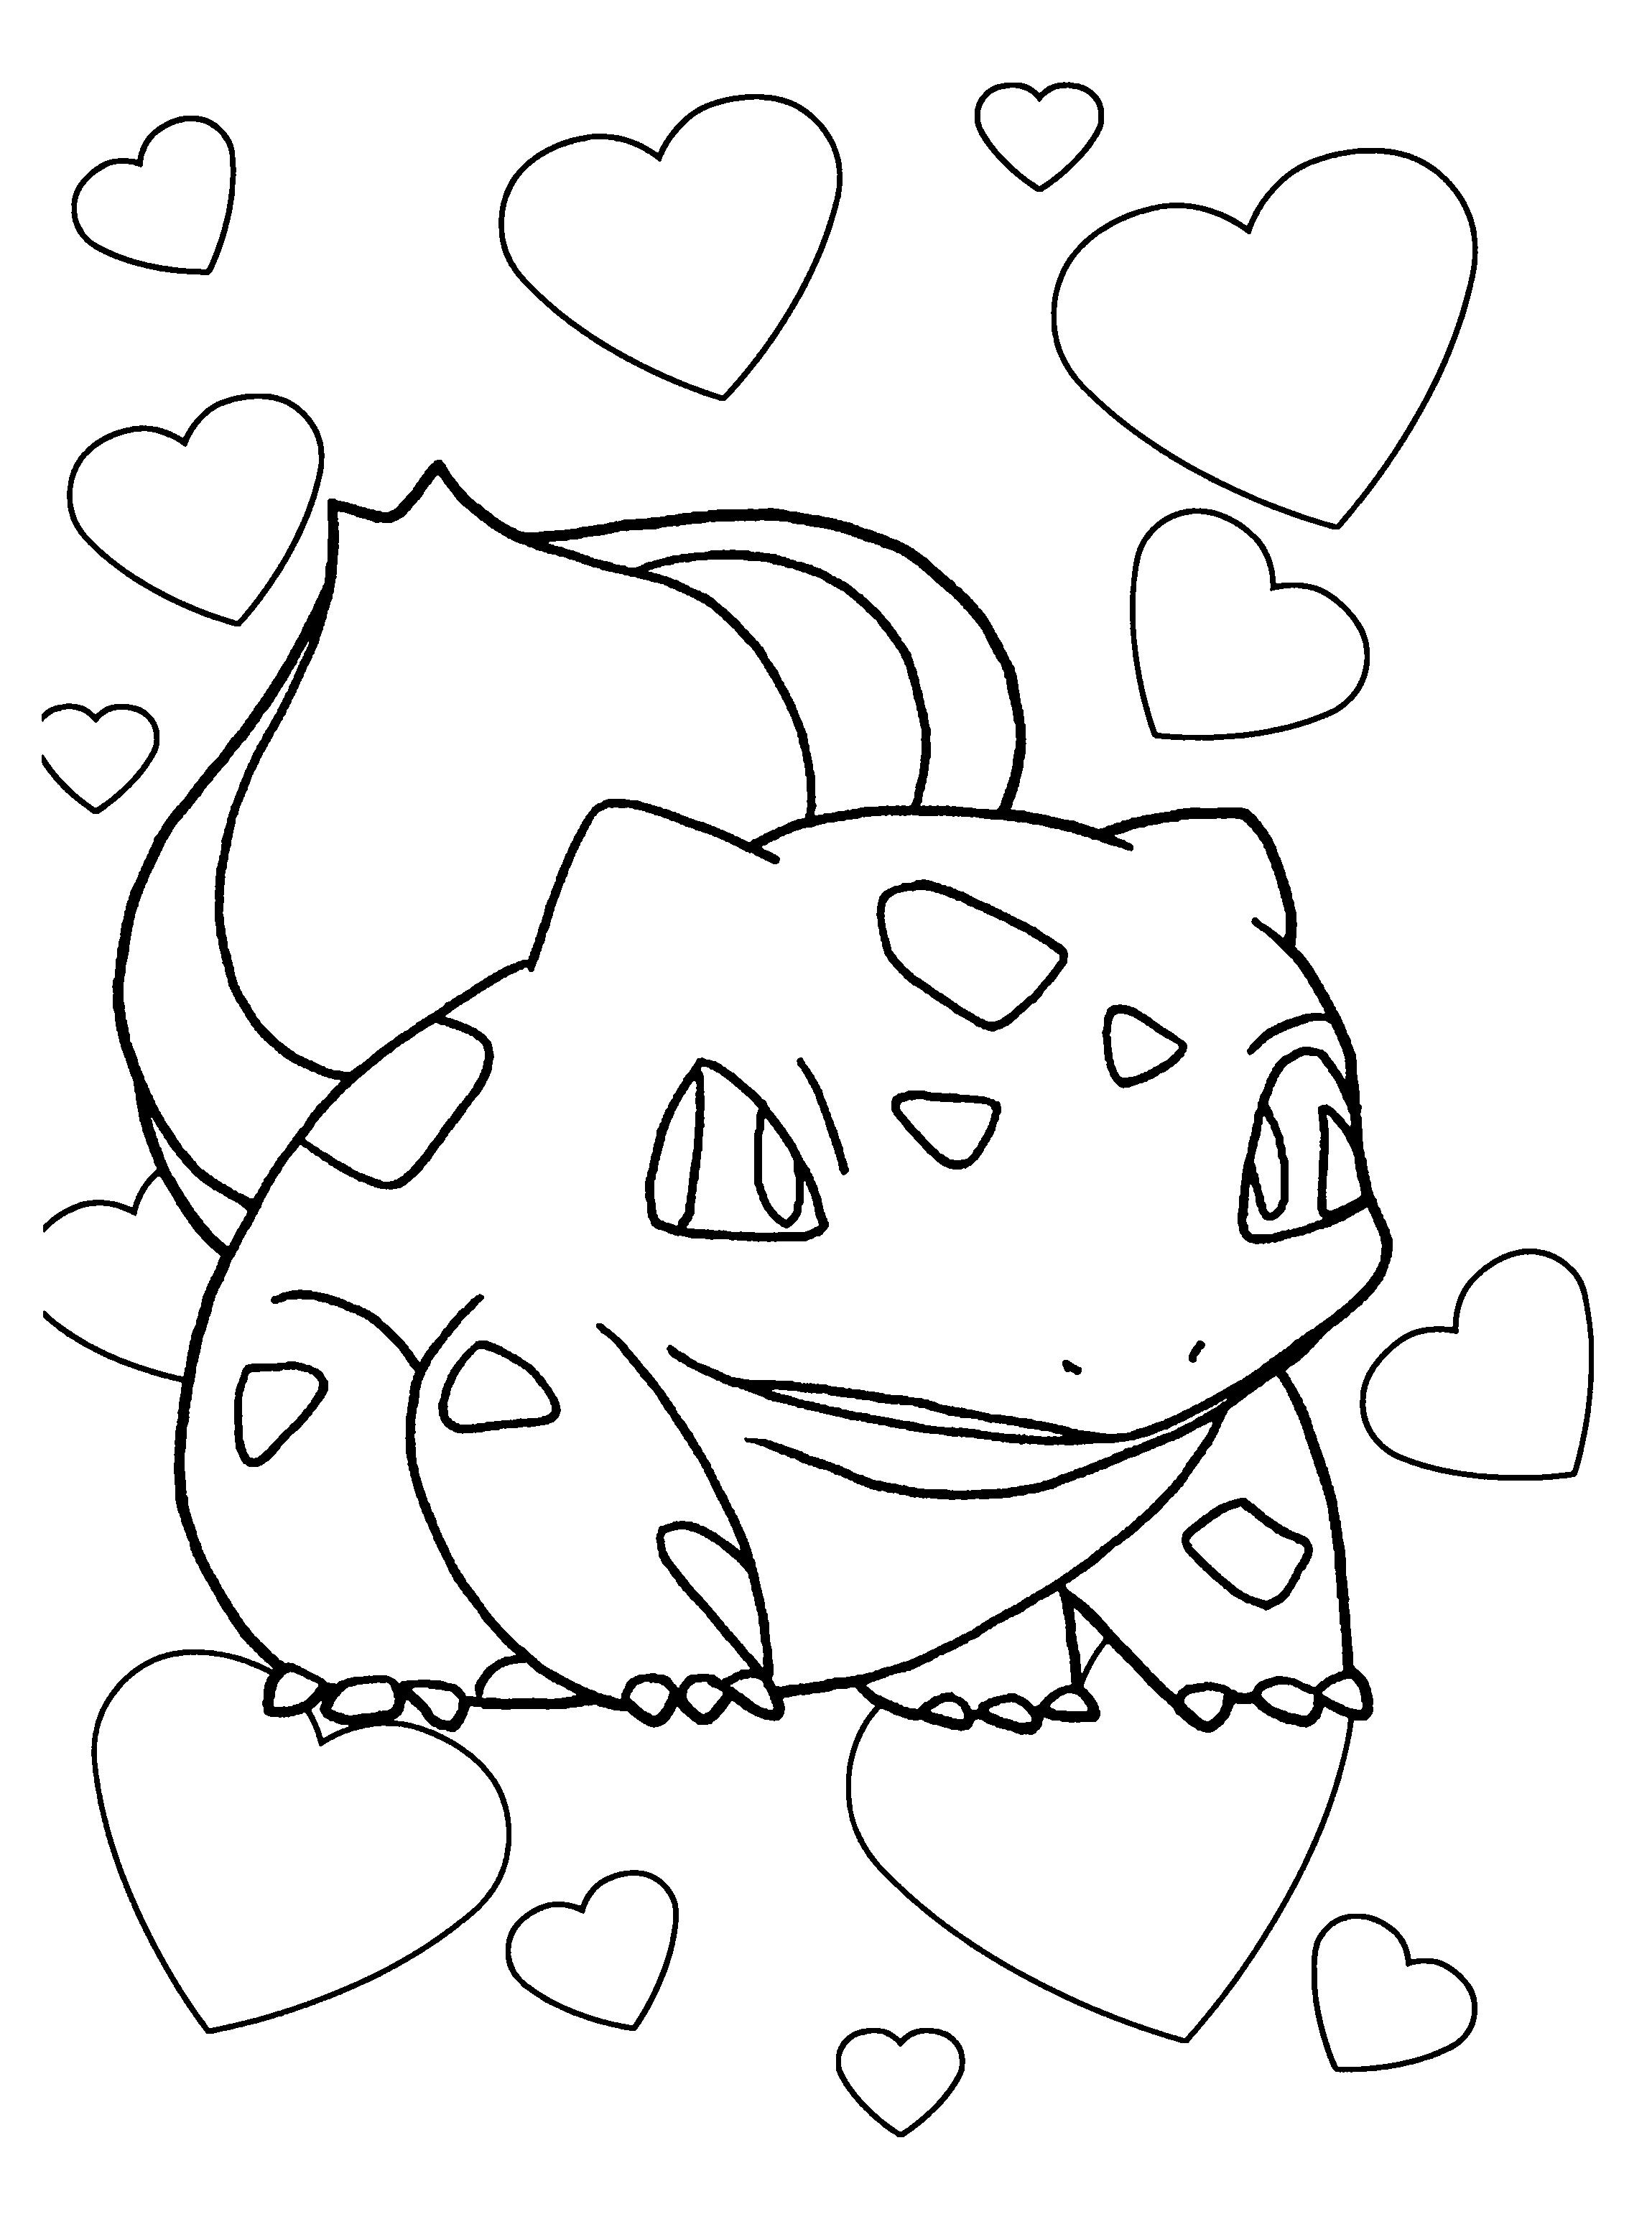 Malvorlage Pokemon Malvorlagen 736